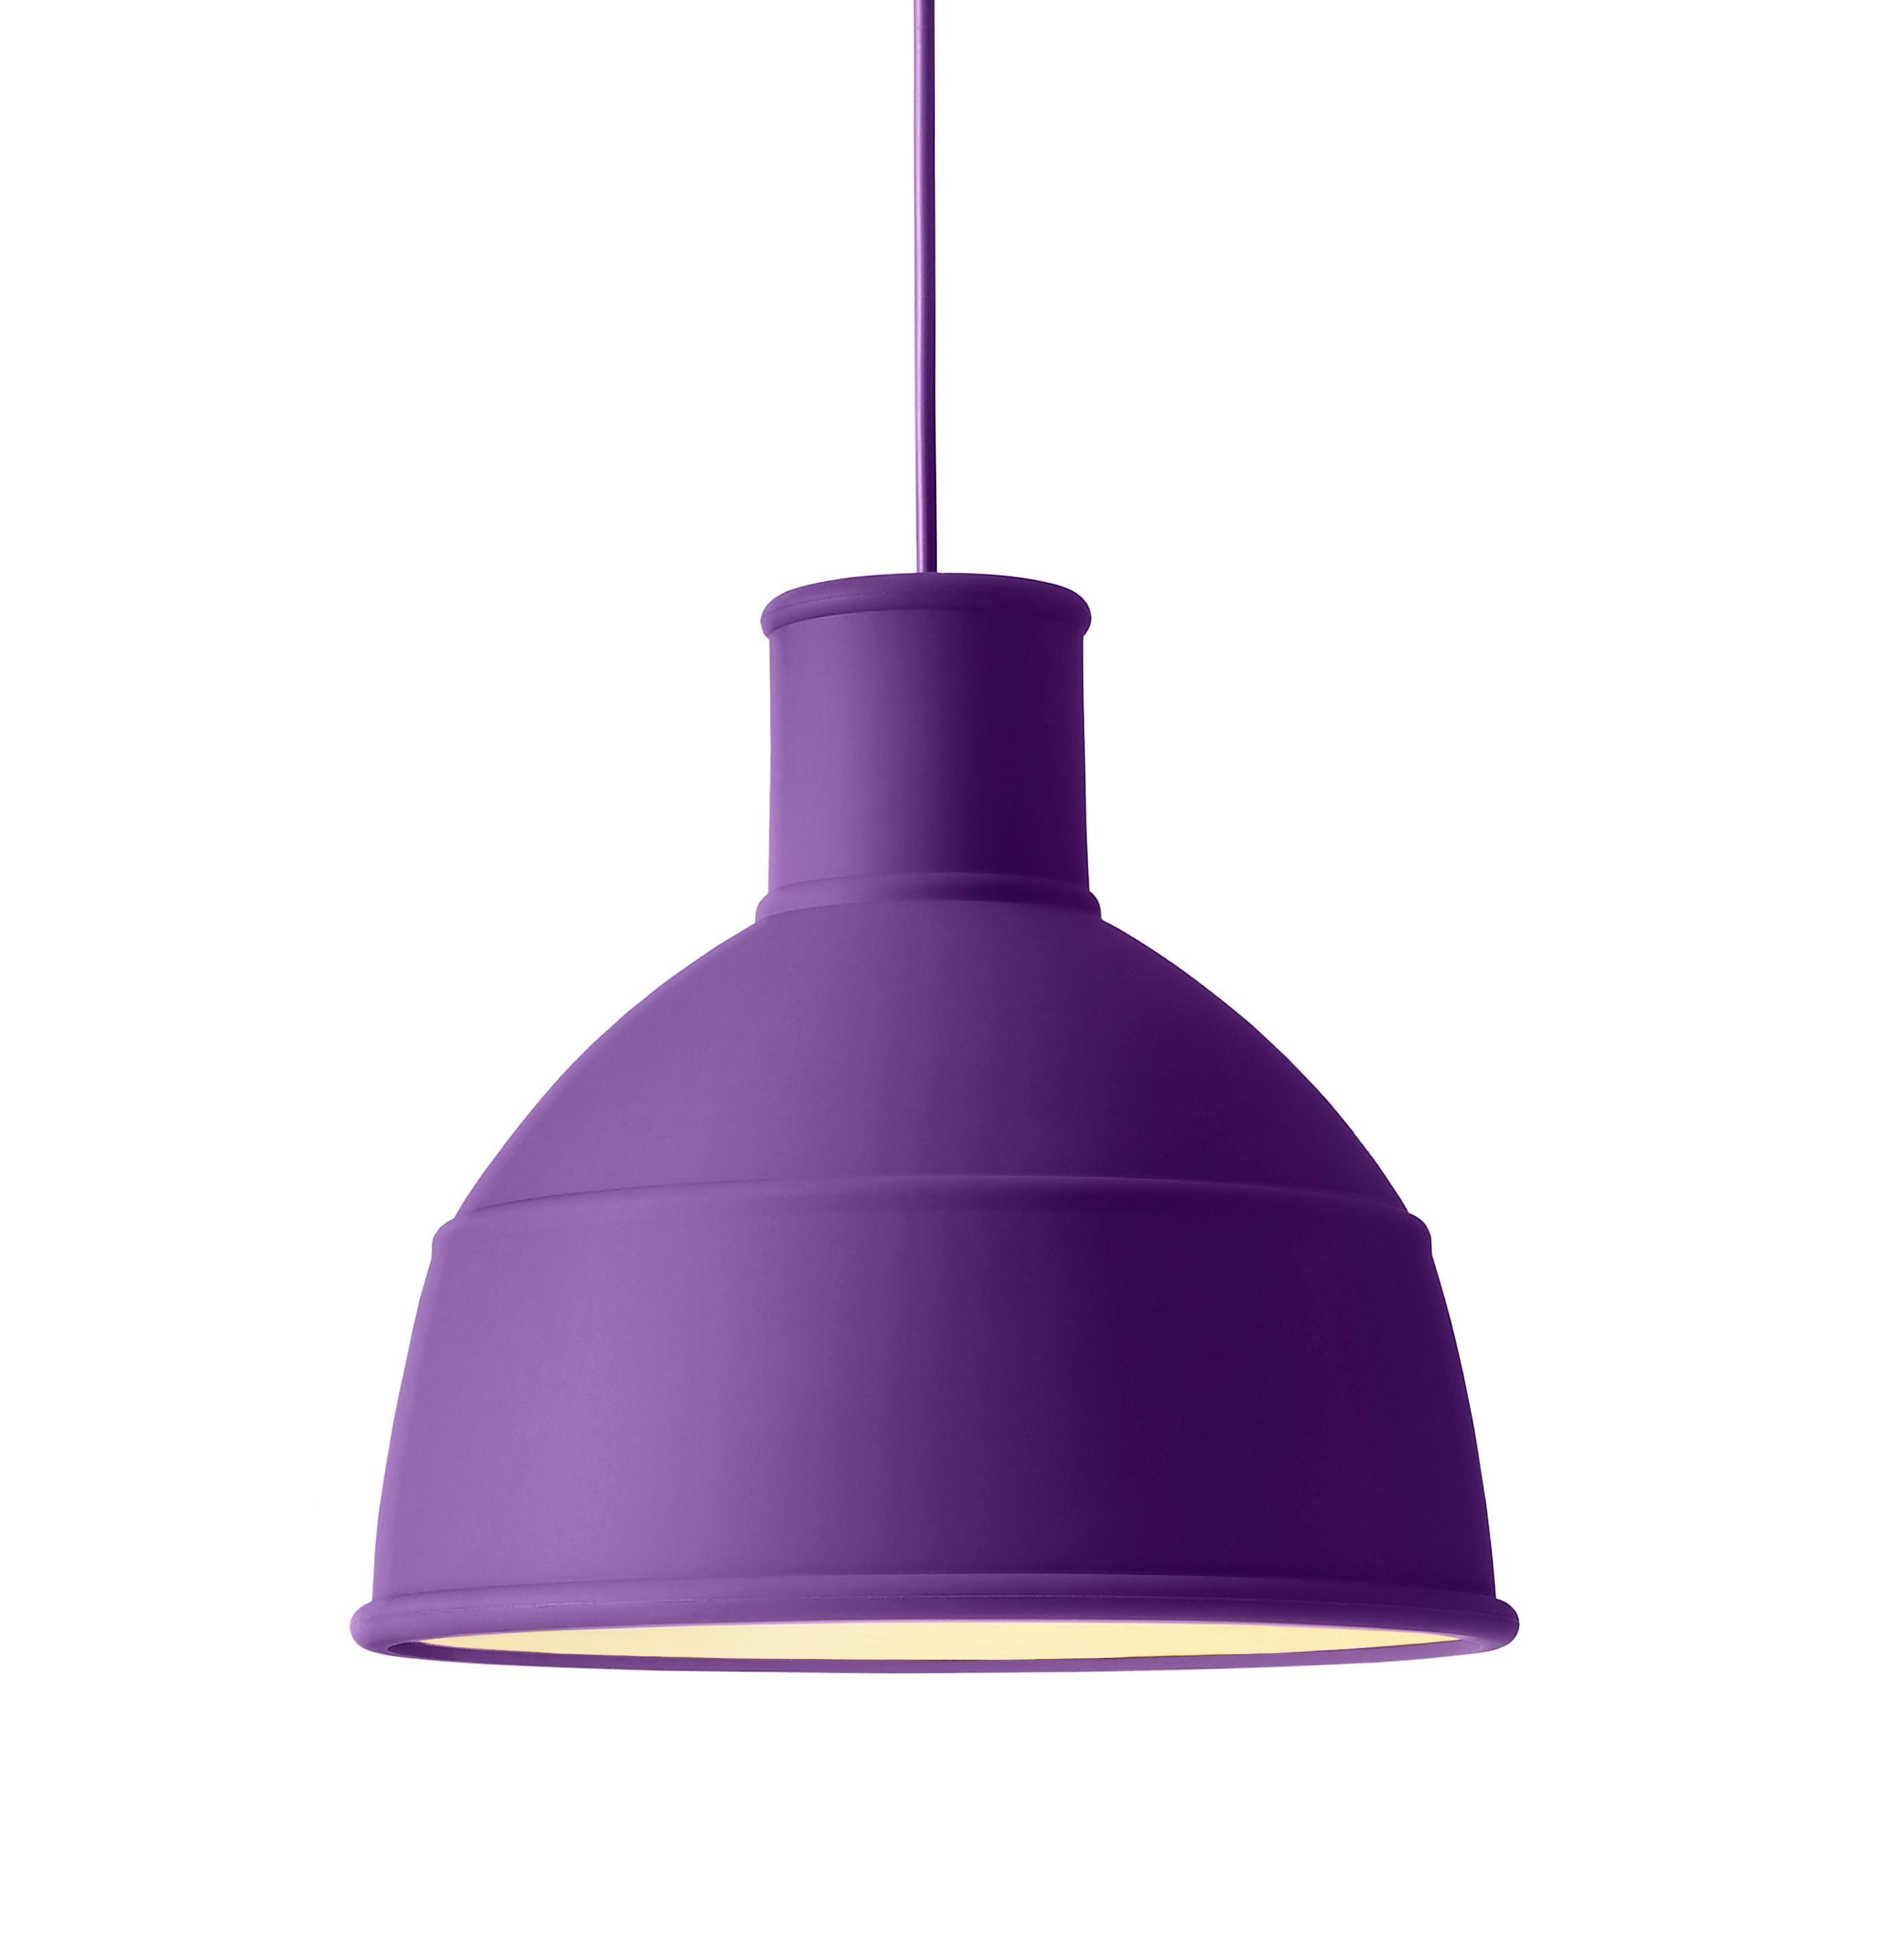 suspension violette. Black Bedroom Furniture Sets. Home Design Ideas